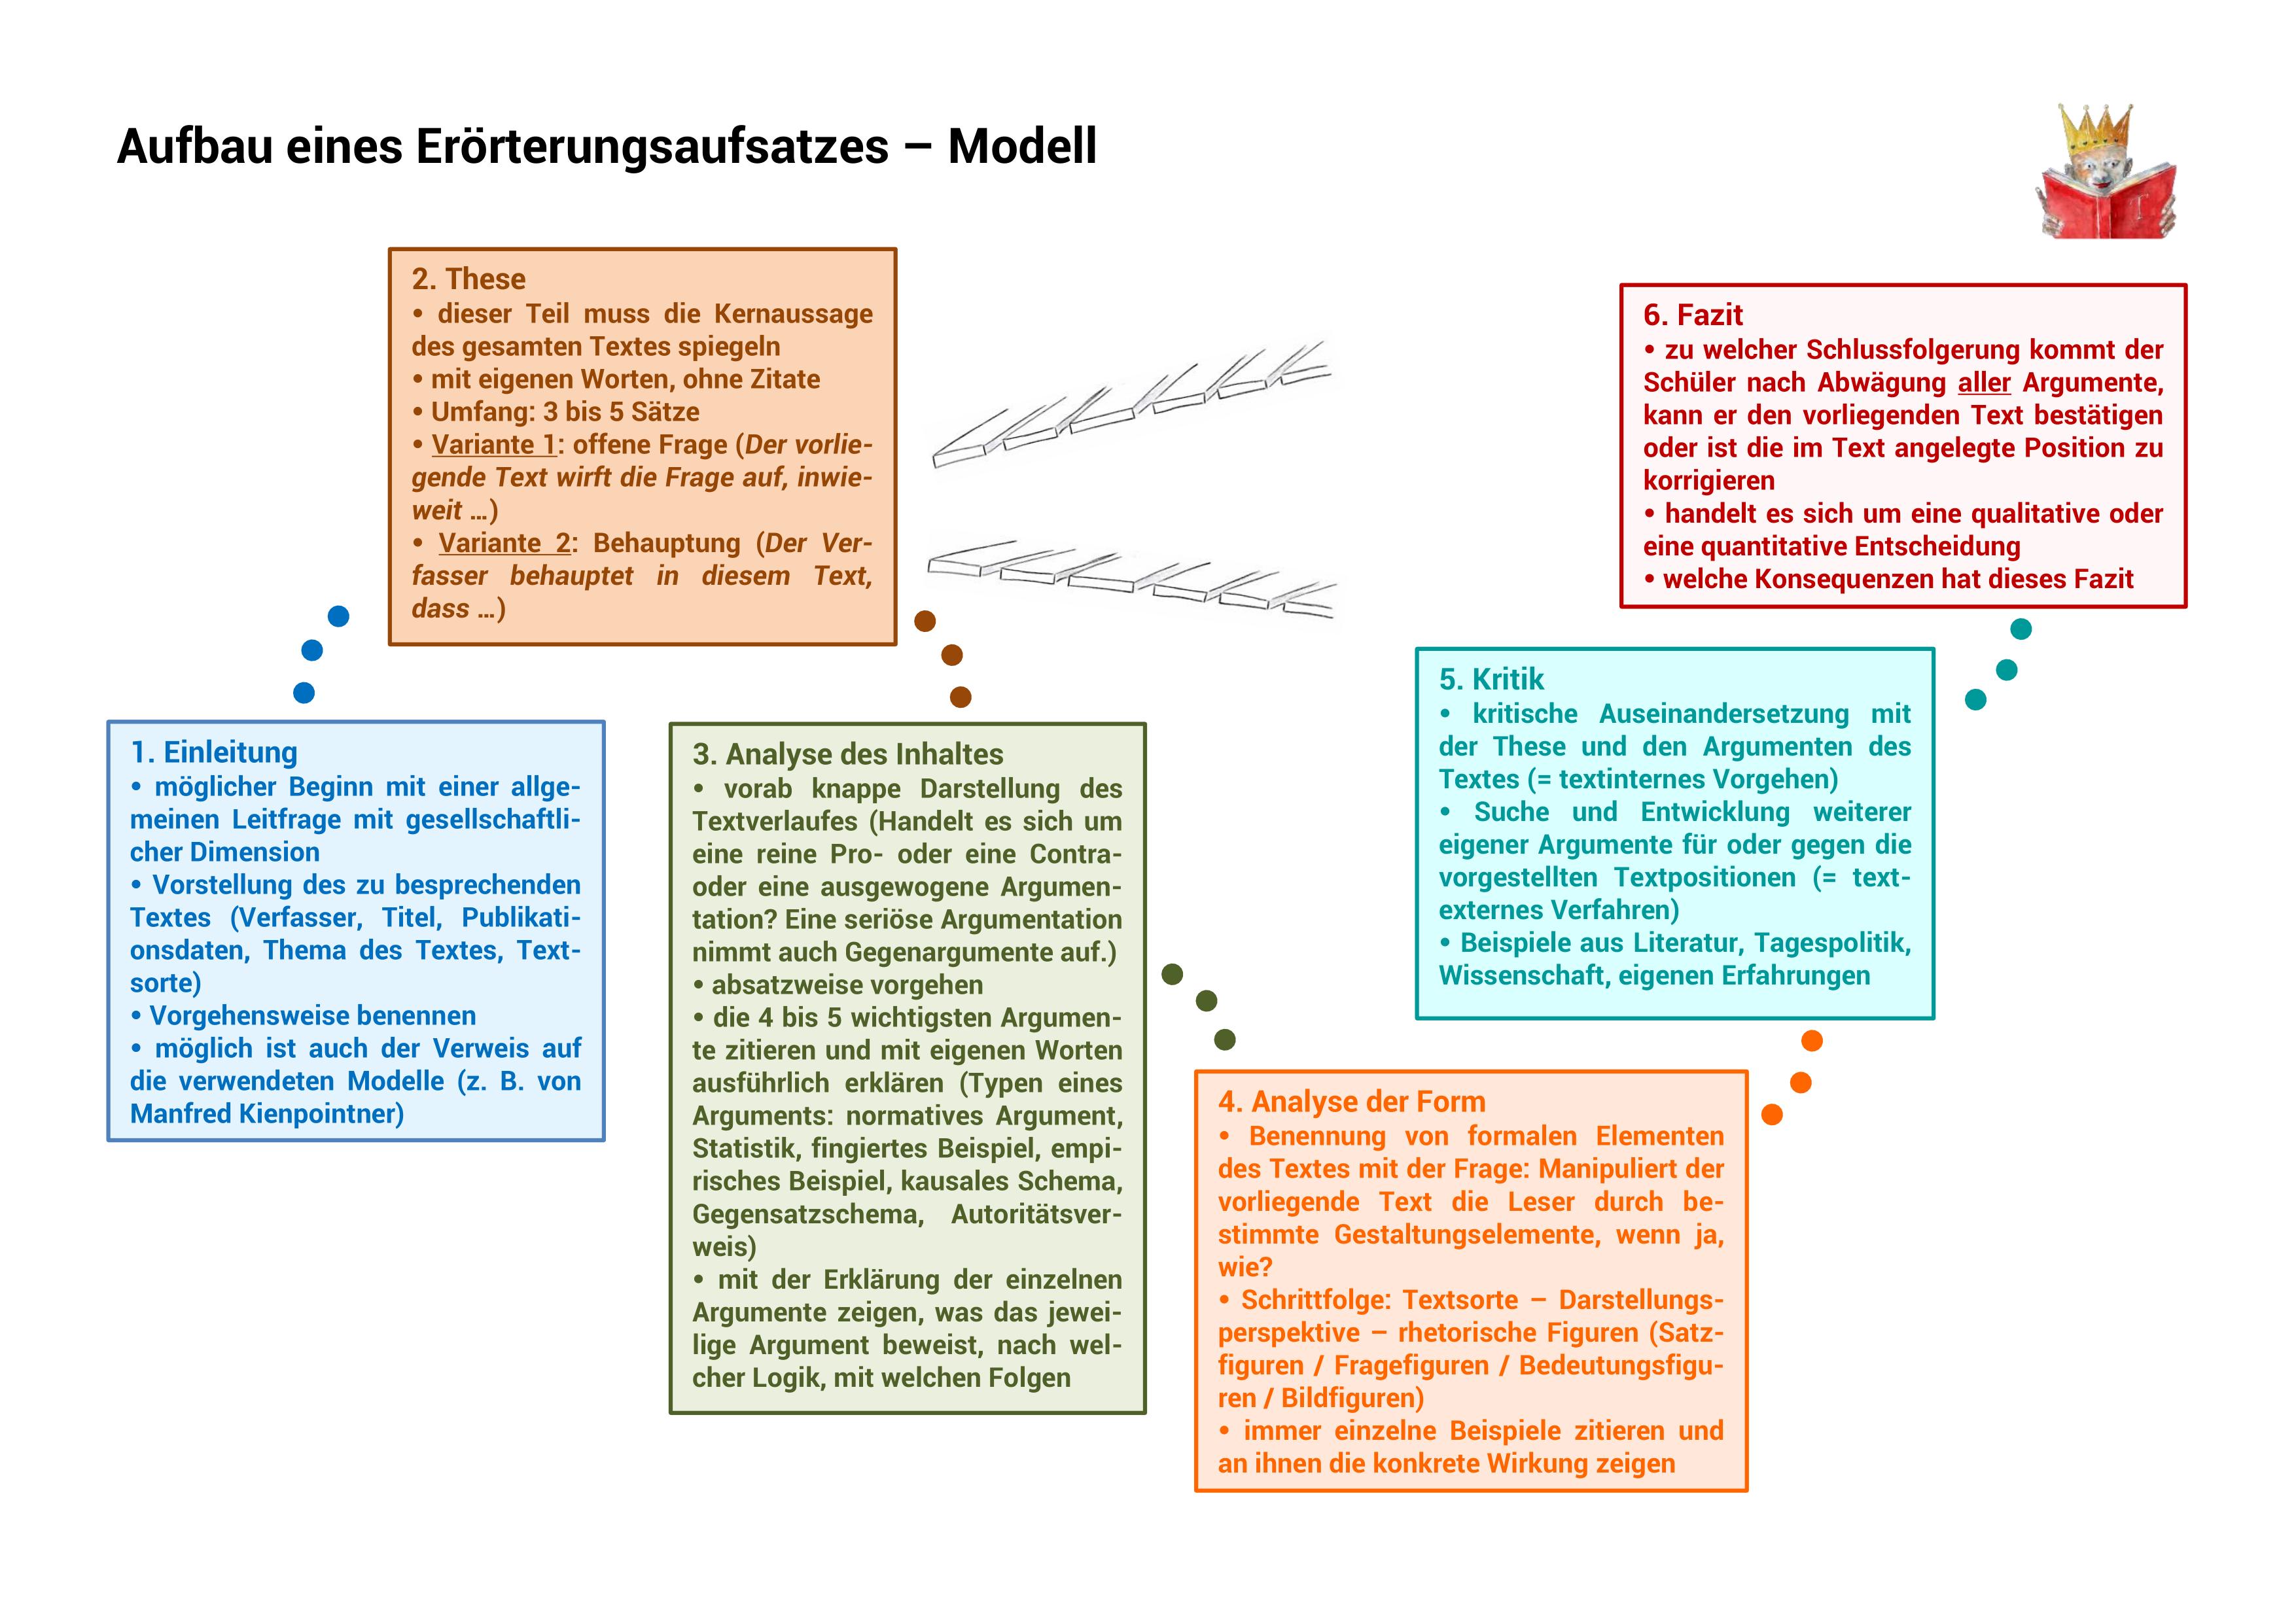 Textgebundene Erorterung Modell Aufgabe Musteraufsatz Unterrichtsmaterial Im Fach Deutsch In 2020 Lernen Tipps Schule Textgebundene Erorterung Erorterung